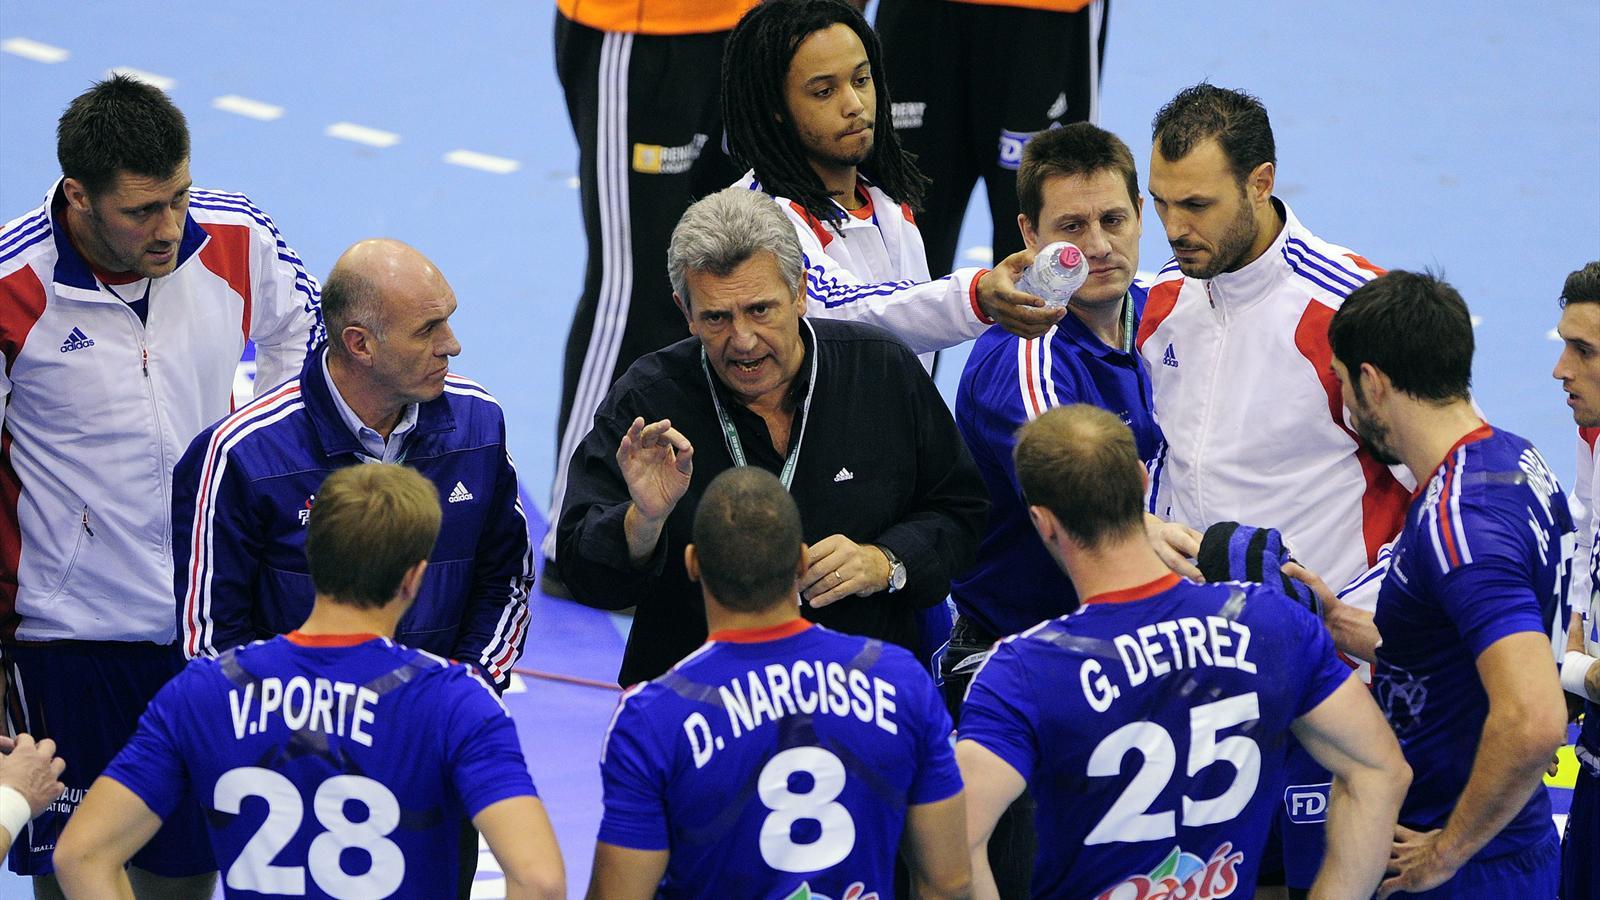 Match Handball France vs Egypte en direct live streaming